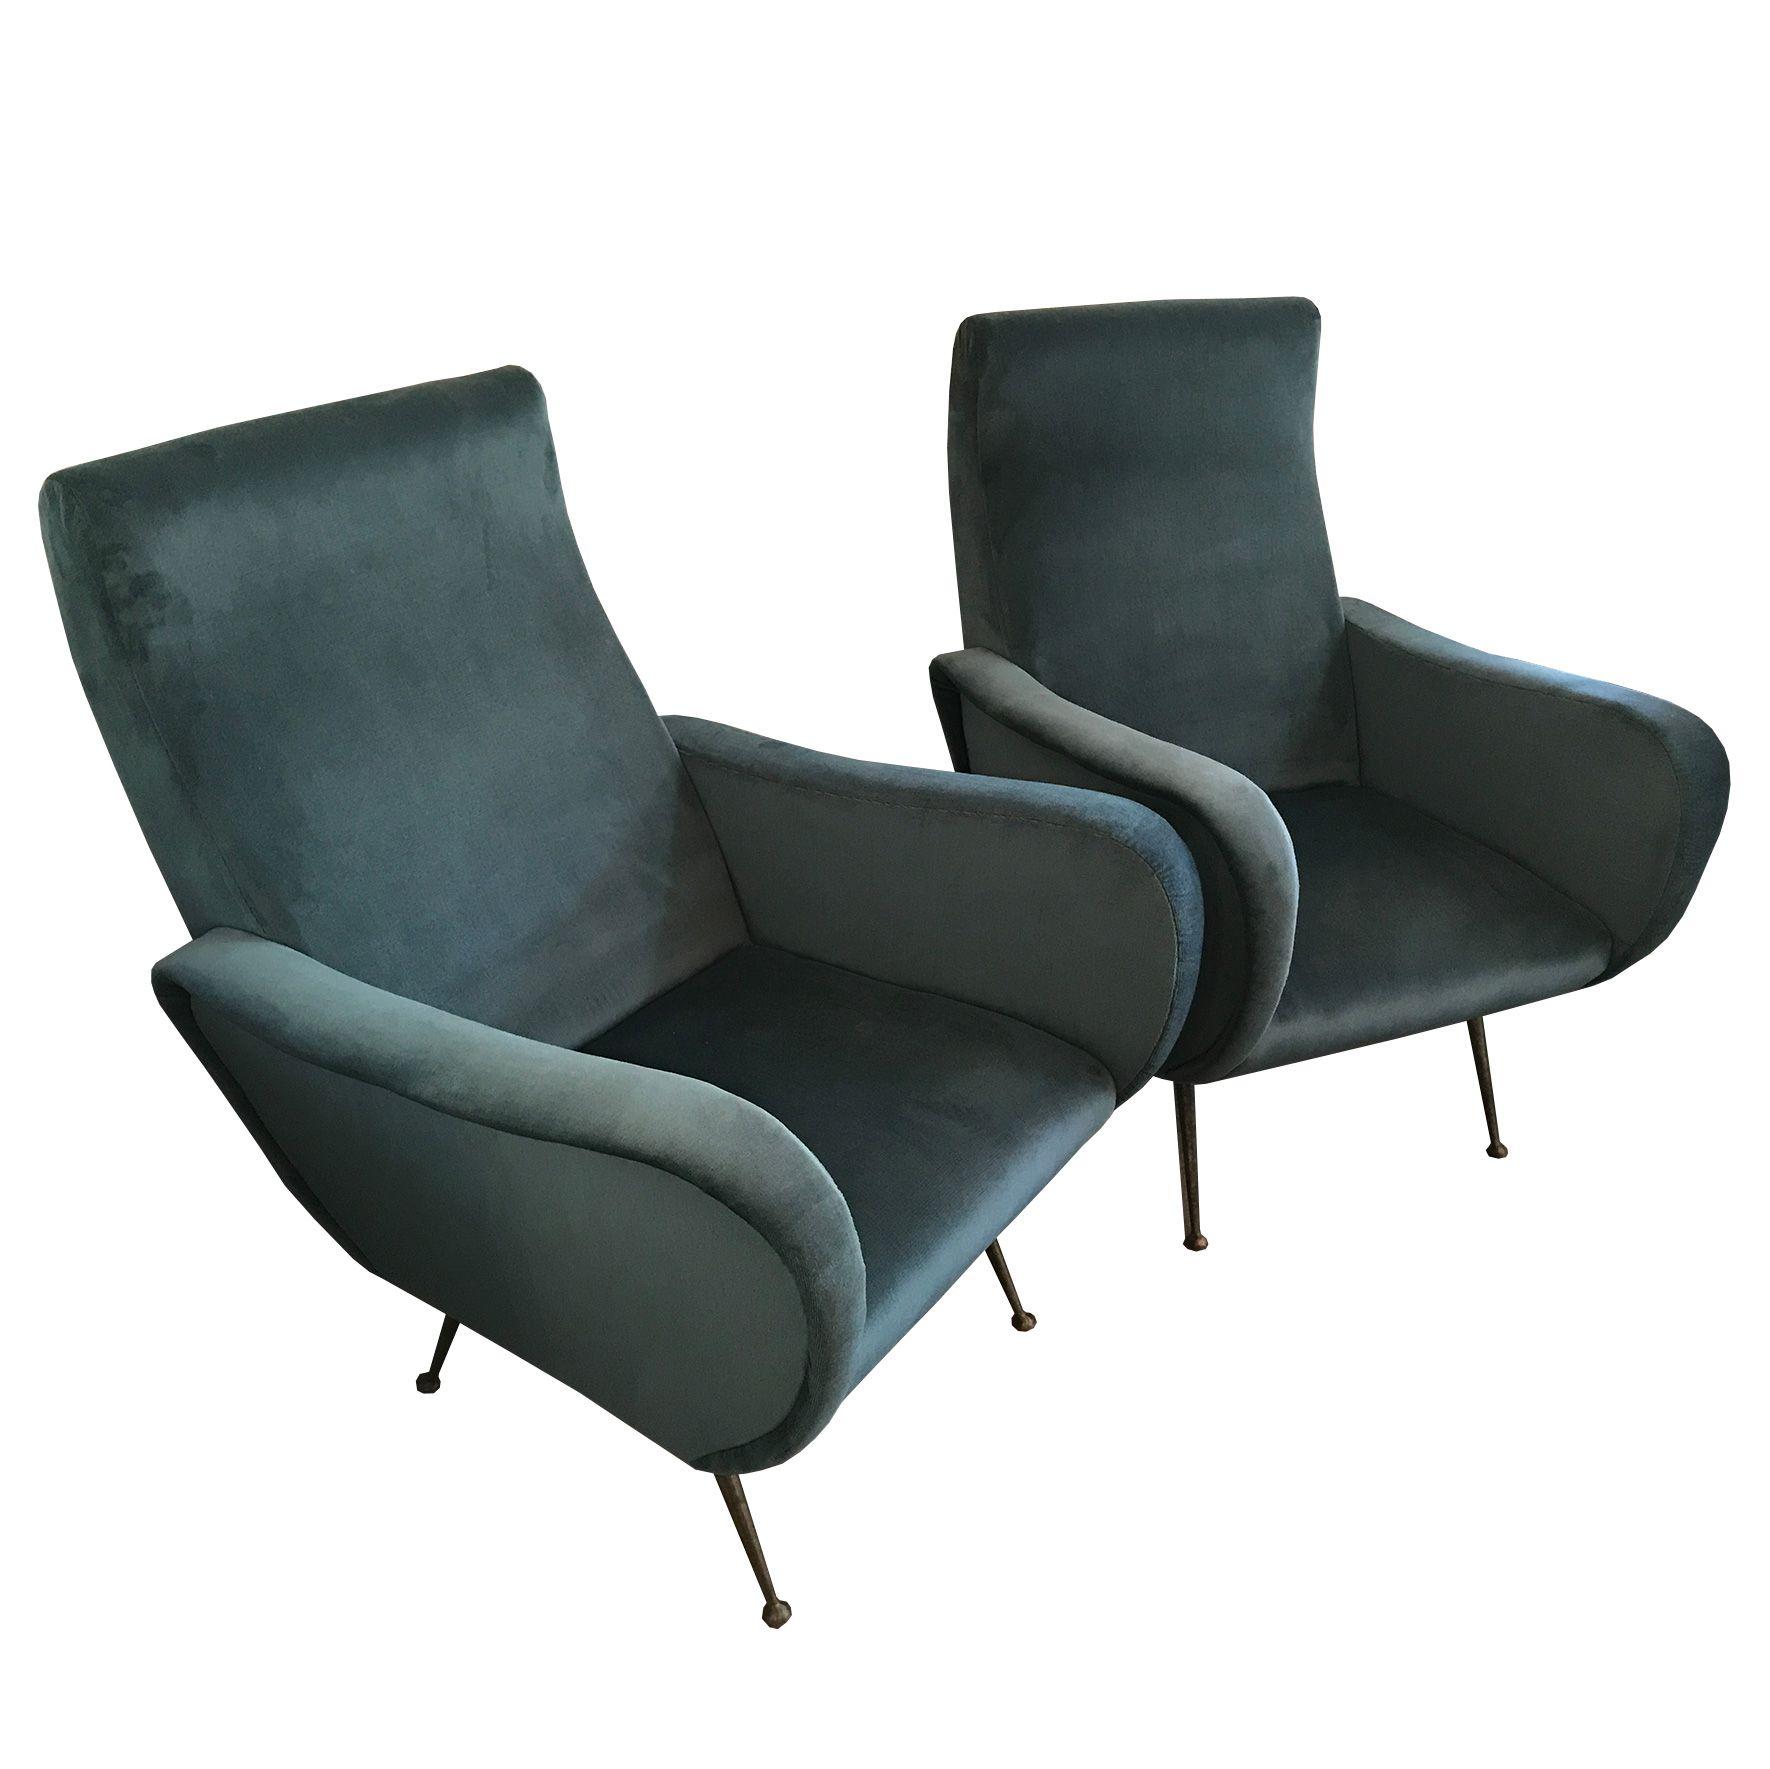 Fauteuil Italien GrisVente 1950 Bleu De En Design Velour Paire xdoBeC